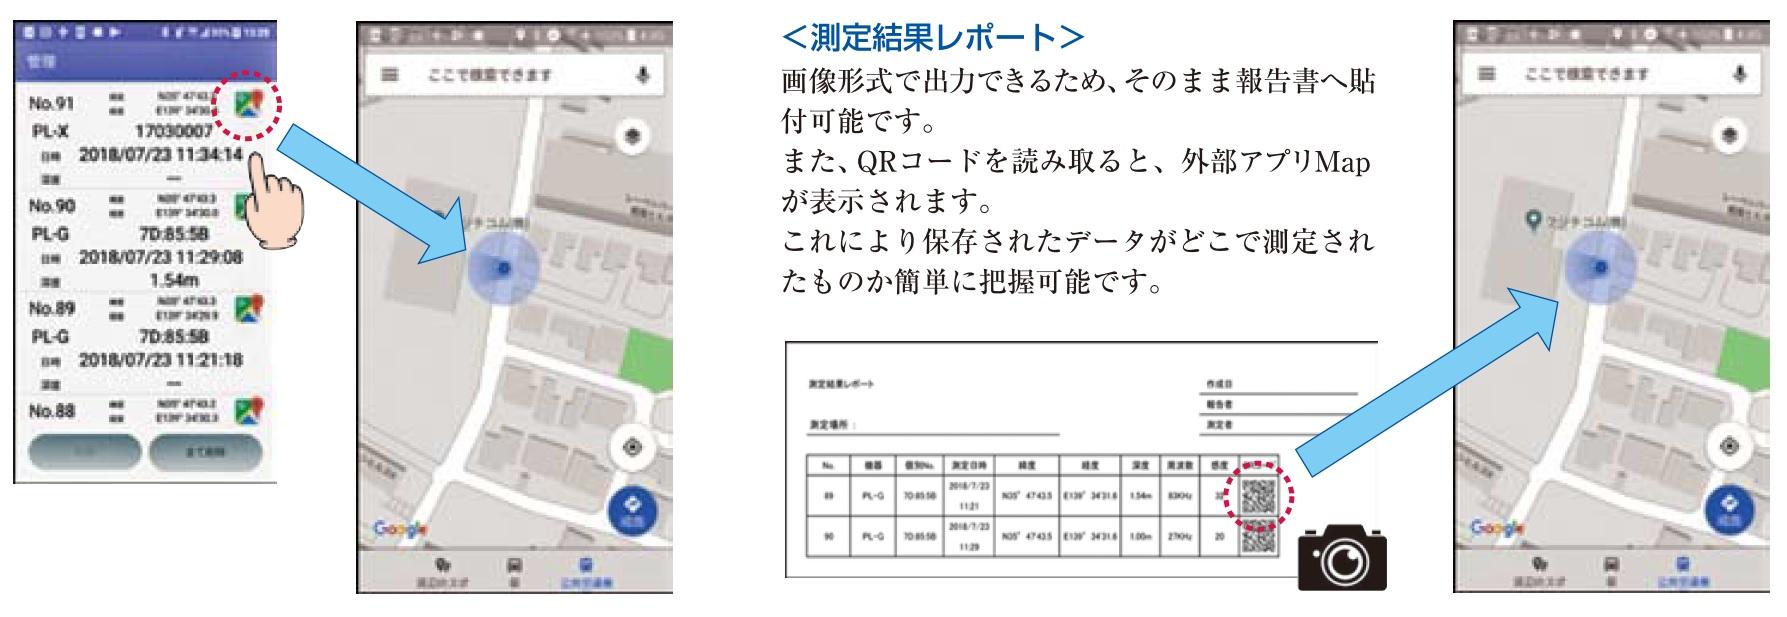 リスト形式でスマートフォンの画面にデータが表示リスト形式でスマートフォンの画面にデータが表示